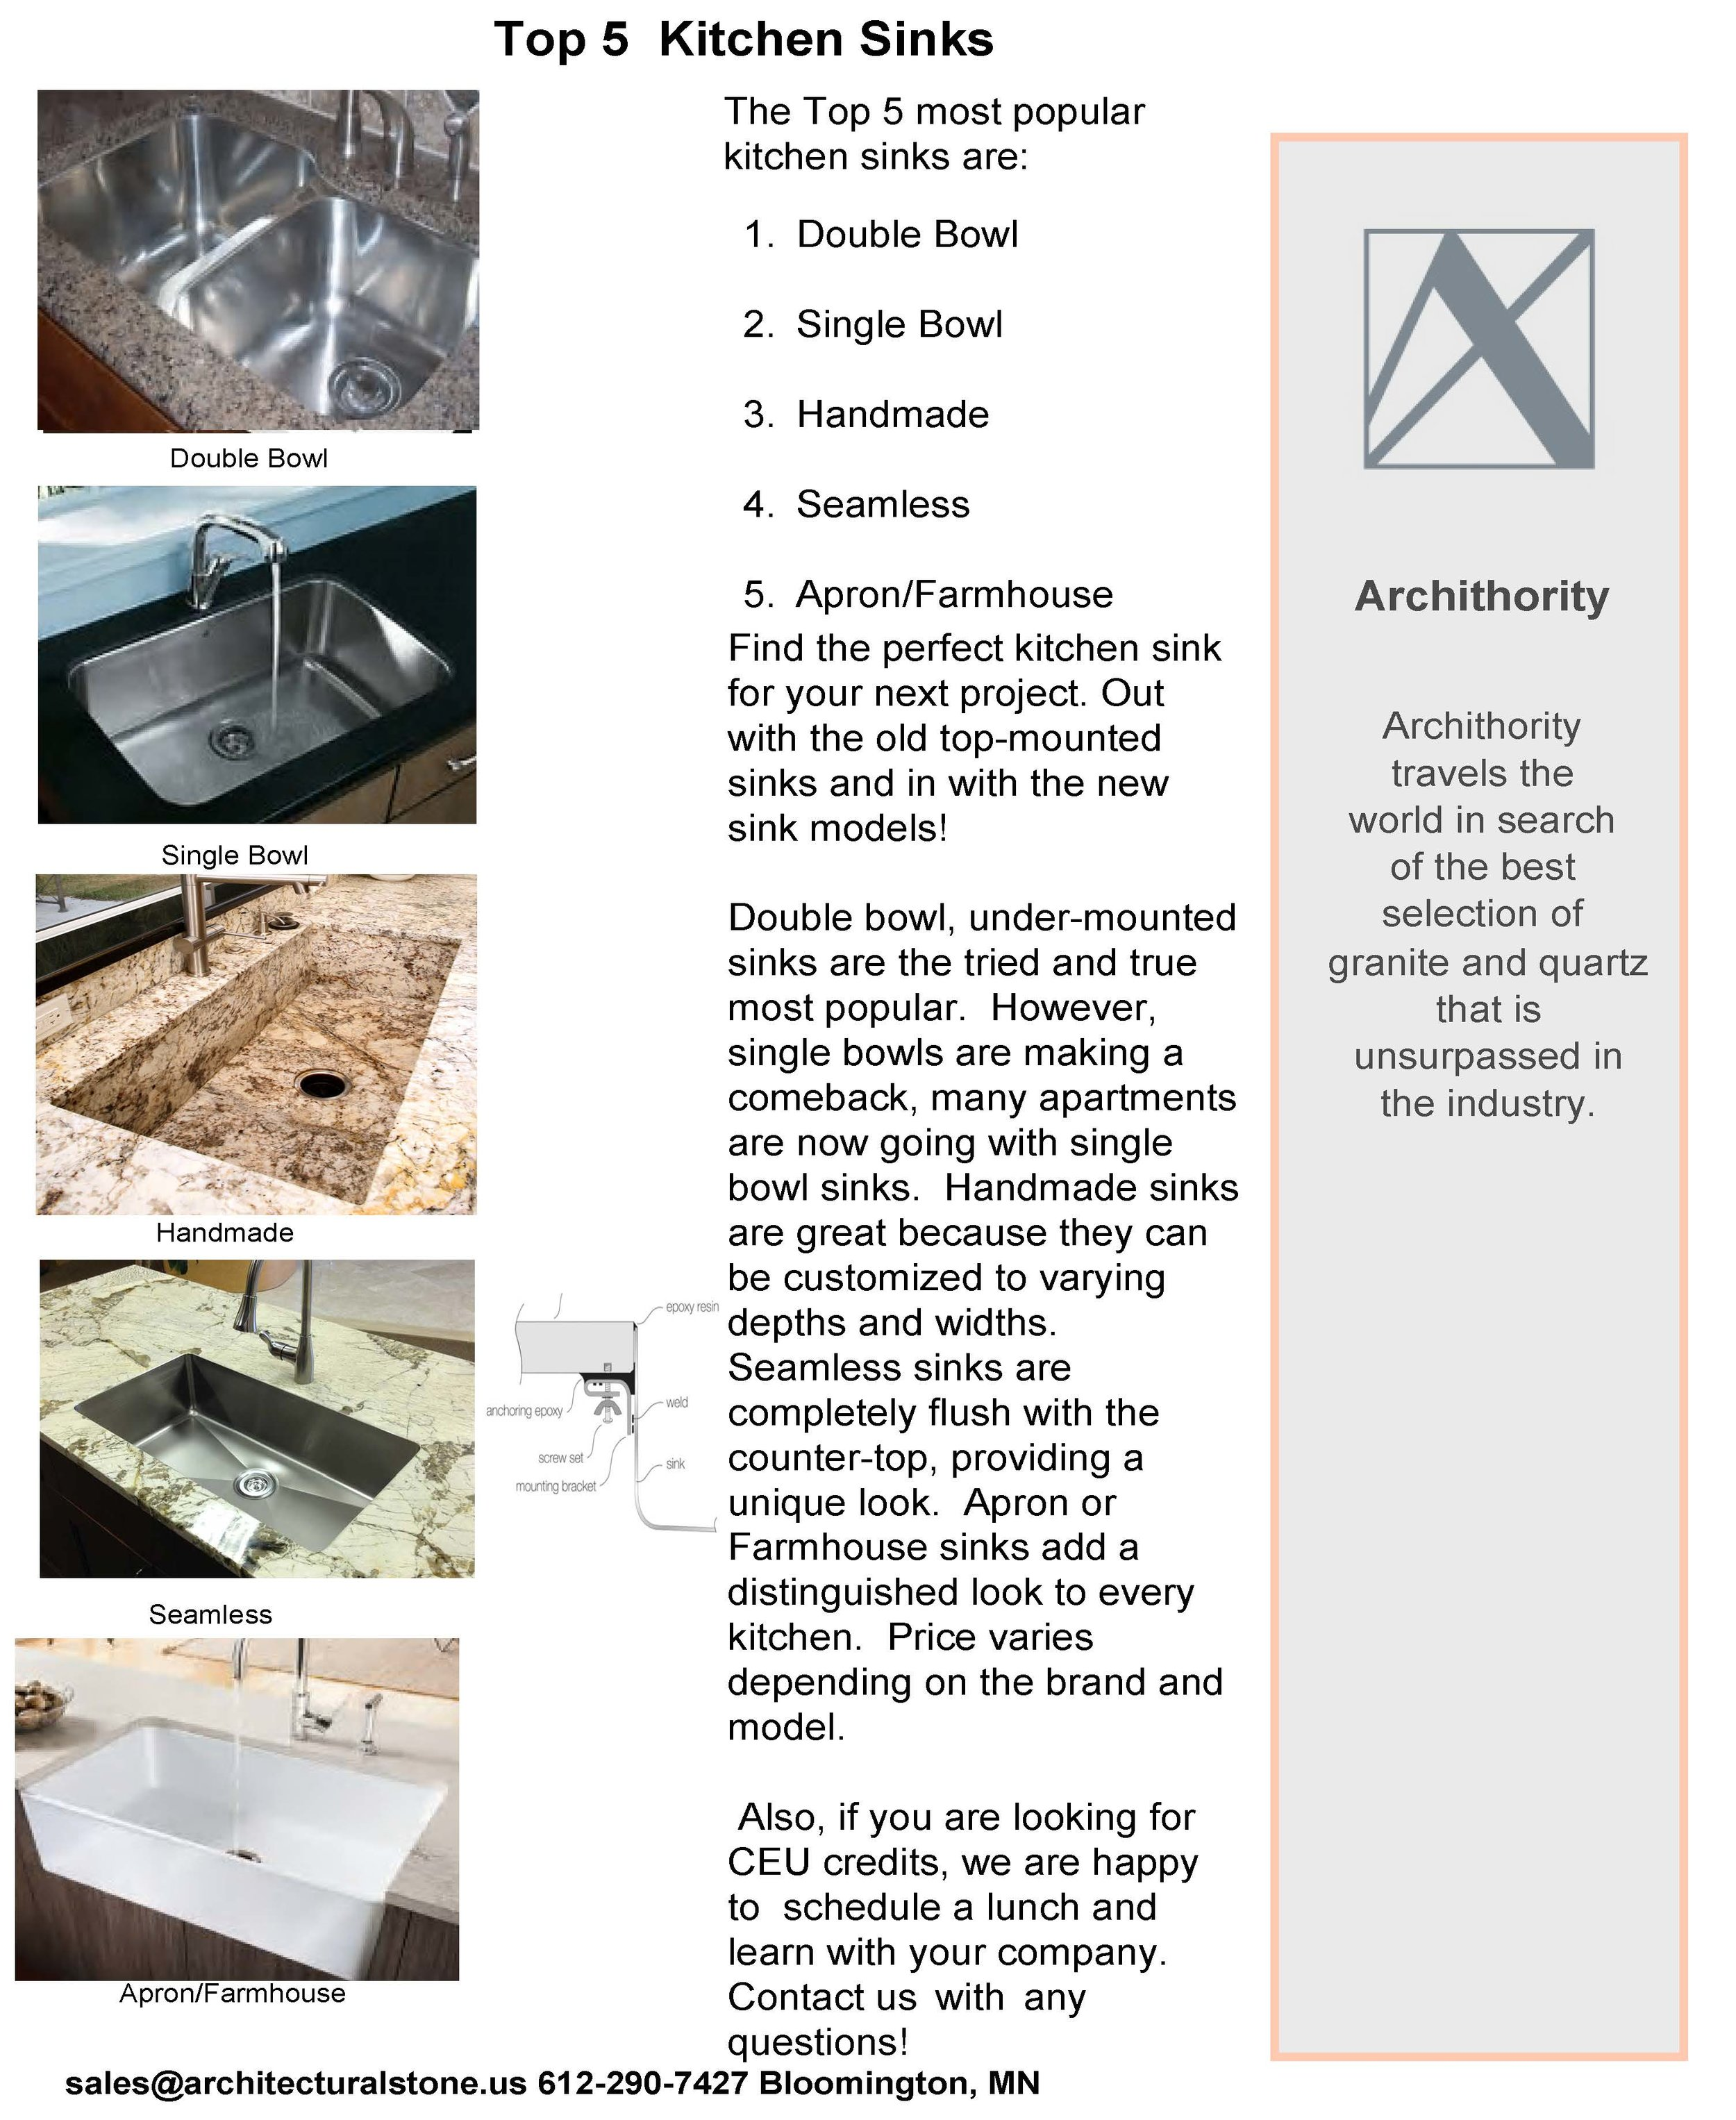 top 5 kitchen sinks.jpg